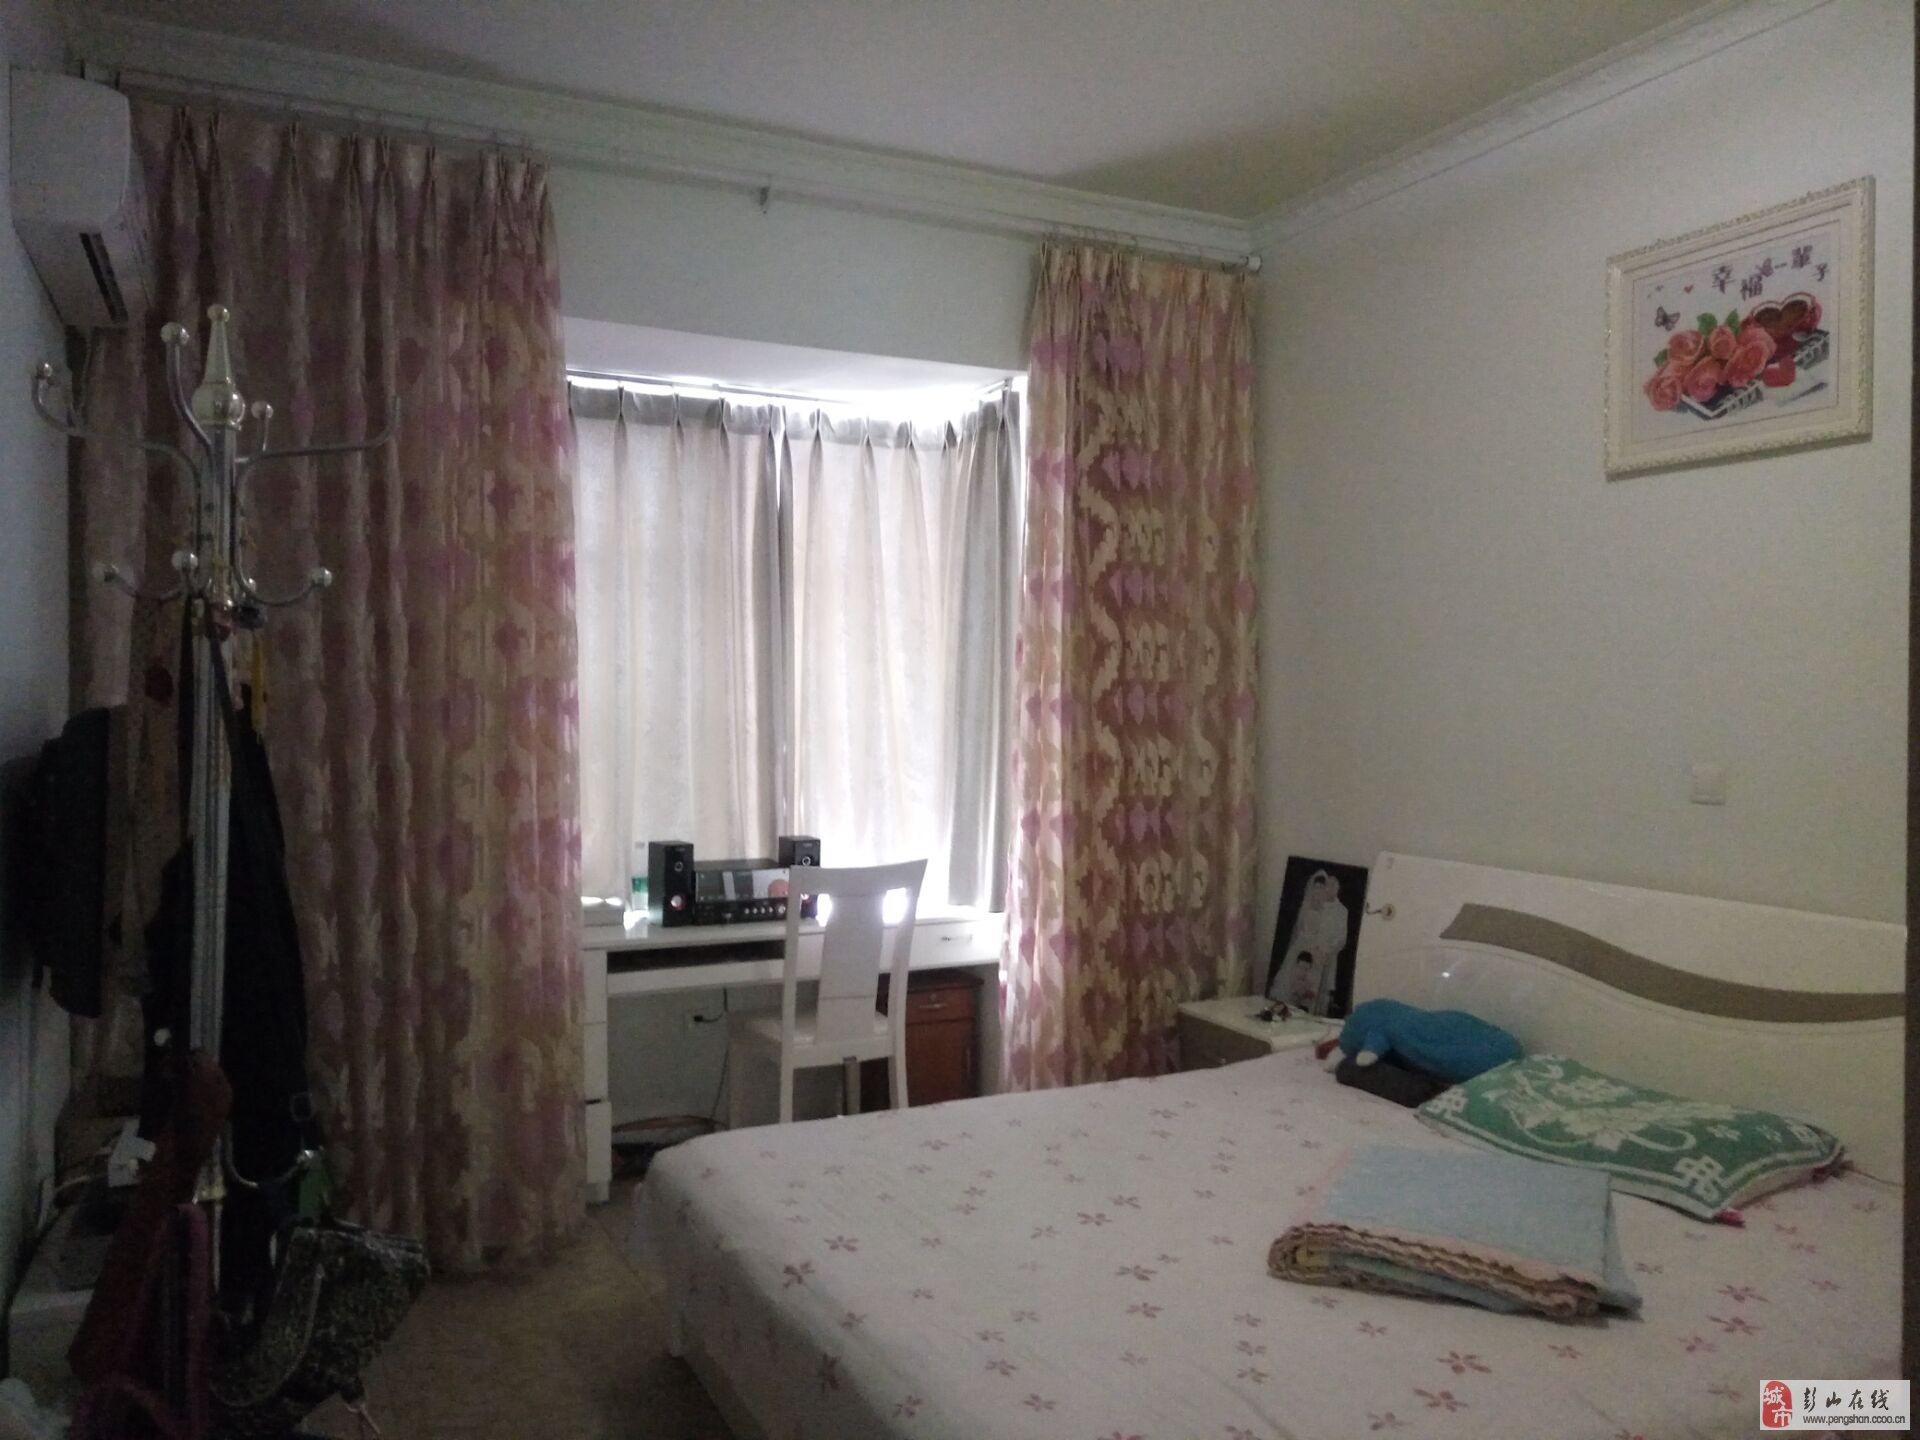 粼江风景,精装居家,5楼2房,学区房-彭山在线